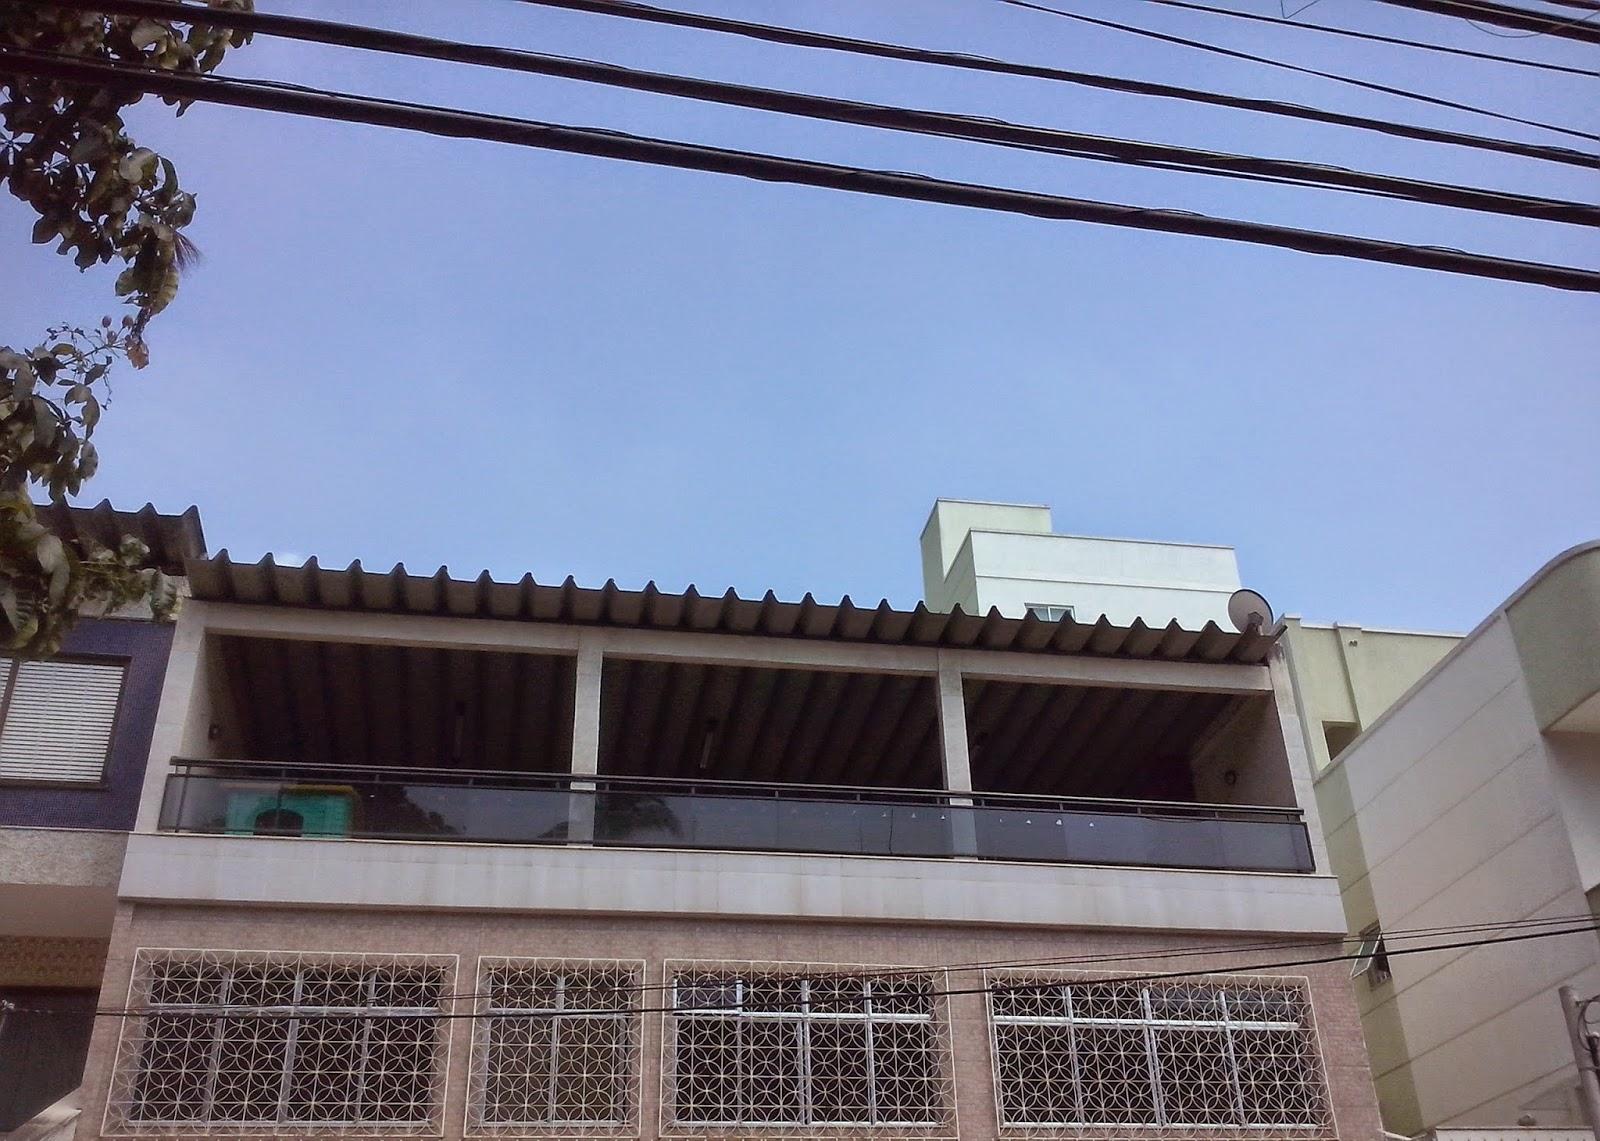 Imagens de #2E569D Casa Jardim Guanabara Ilha do Governador Avelino Freire Imóveis 1600x1141 px 2886 Box Banheiro Ilha Do Governador